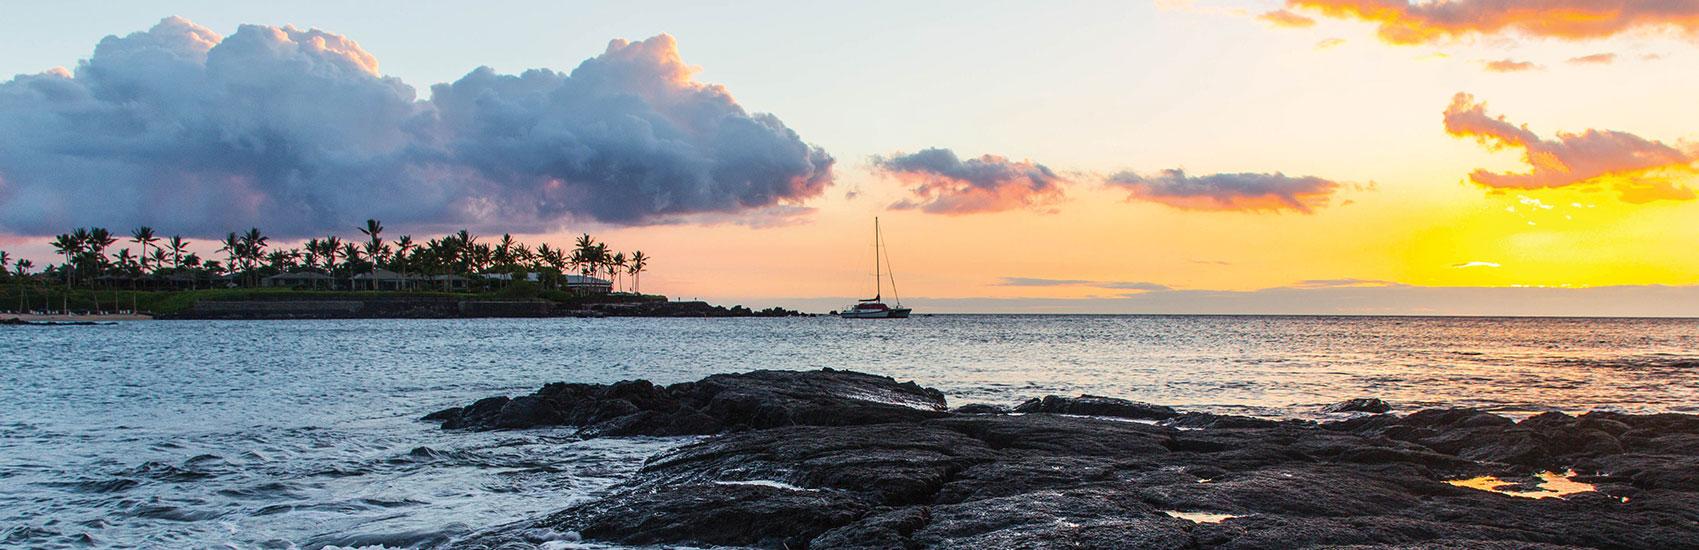 Économisez sur les voyages à Hawaï avec Pleasant Holidays 1